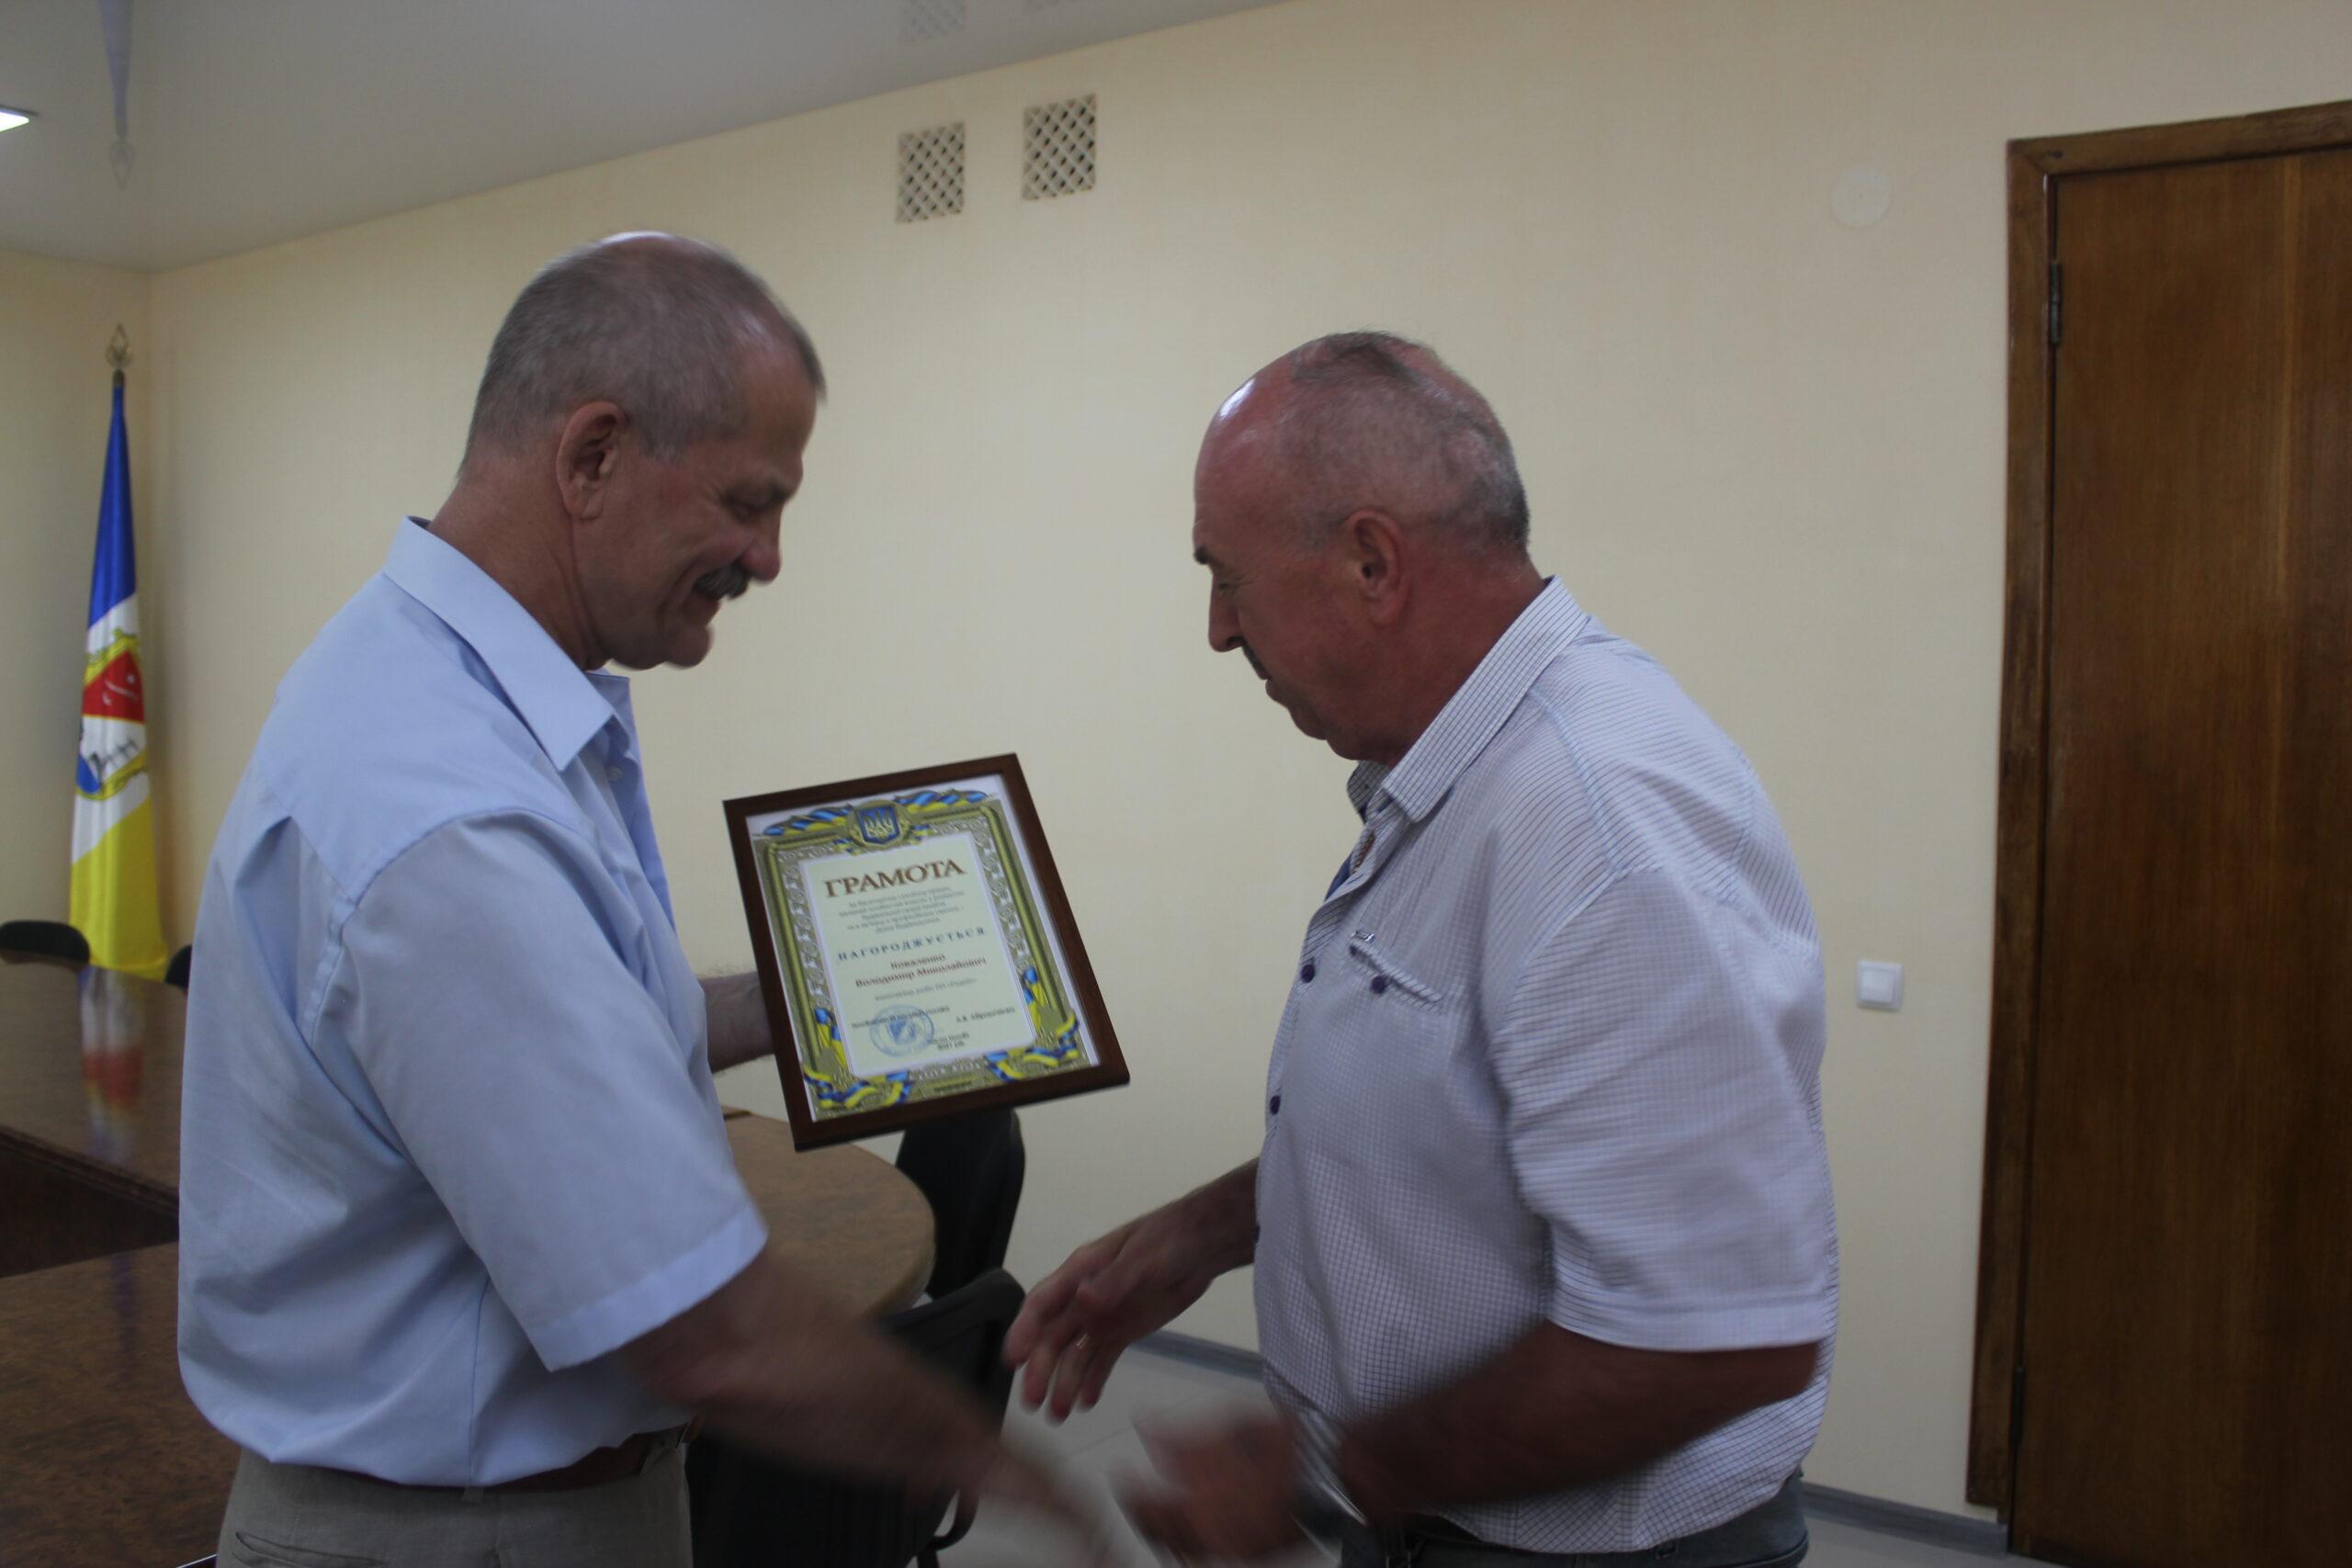 В Измаиле в преддверии профессионального праздника чествовали строителей (фото)